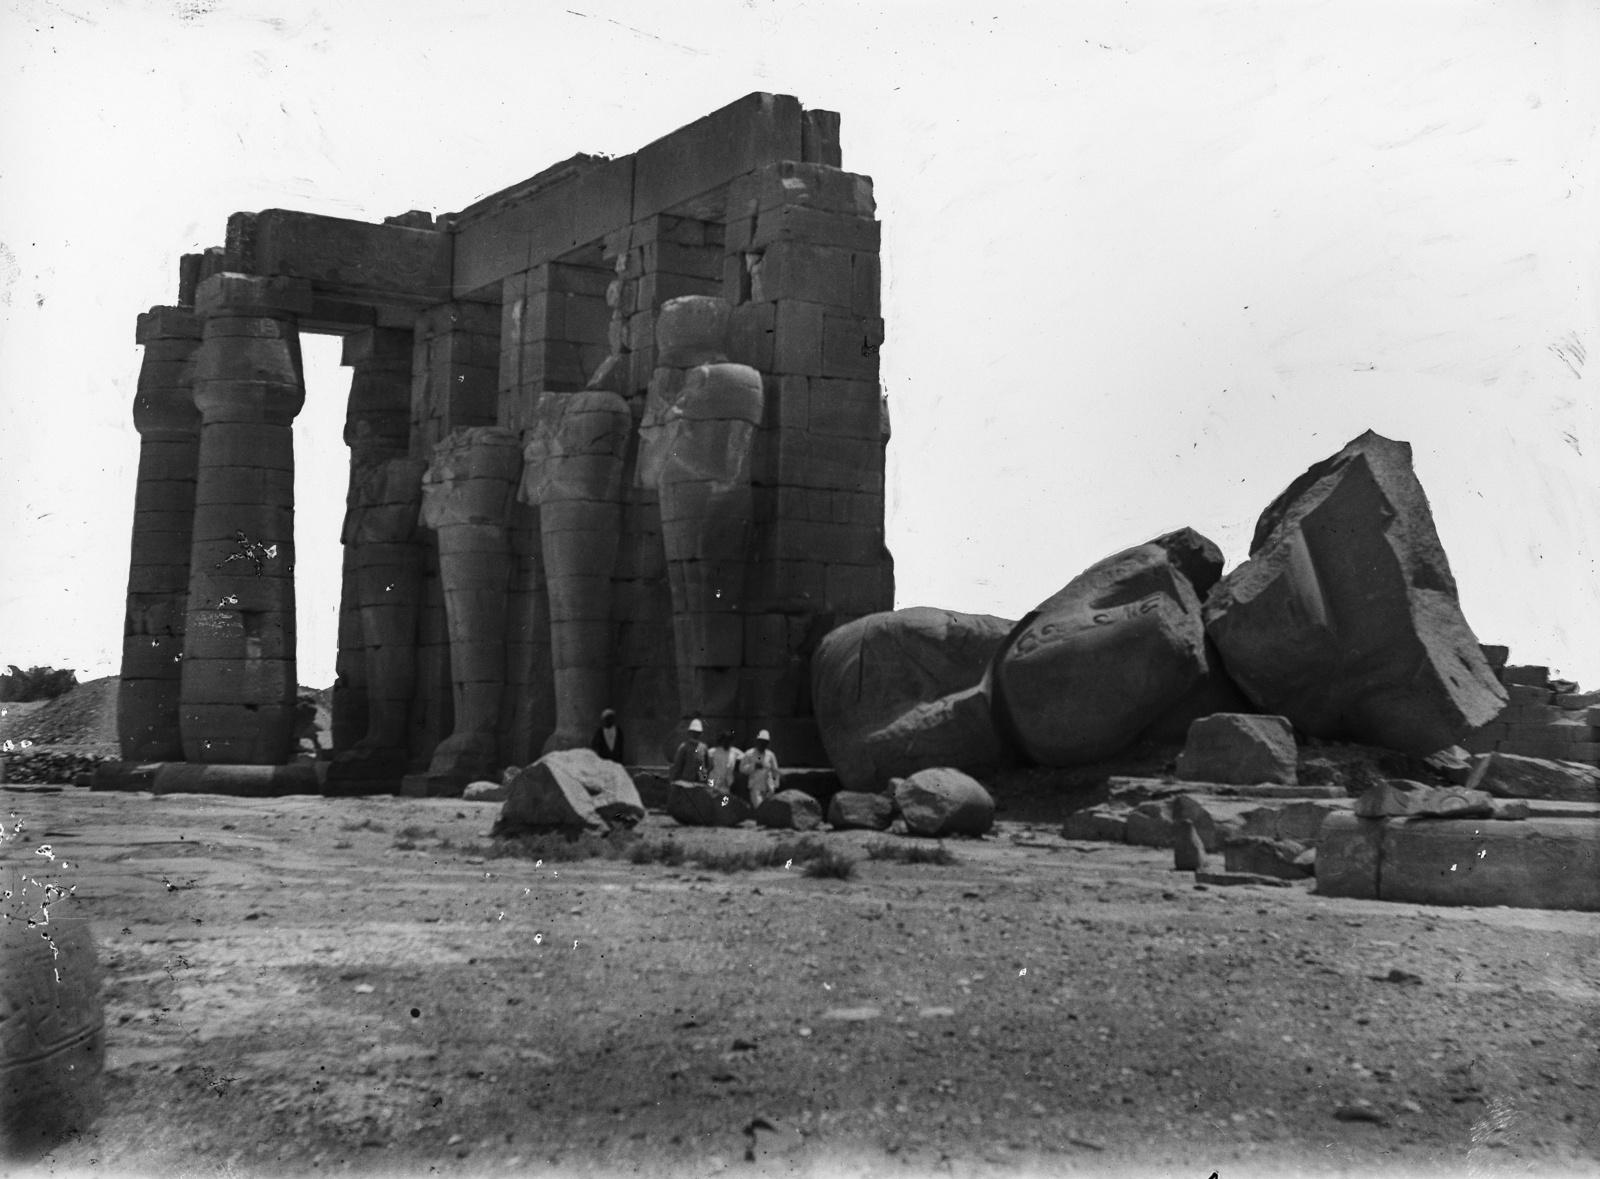 Луксор. Руины храма со статуями и колоннами в честь Рамзеса II